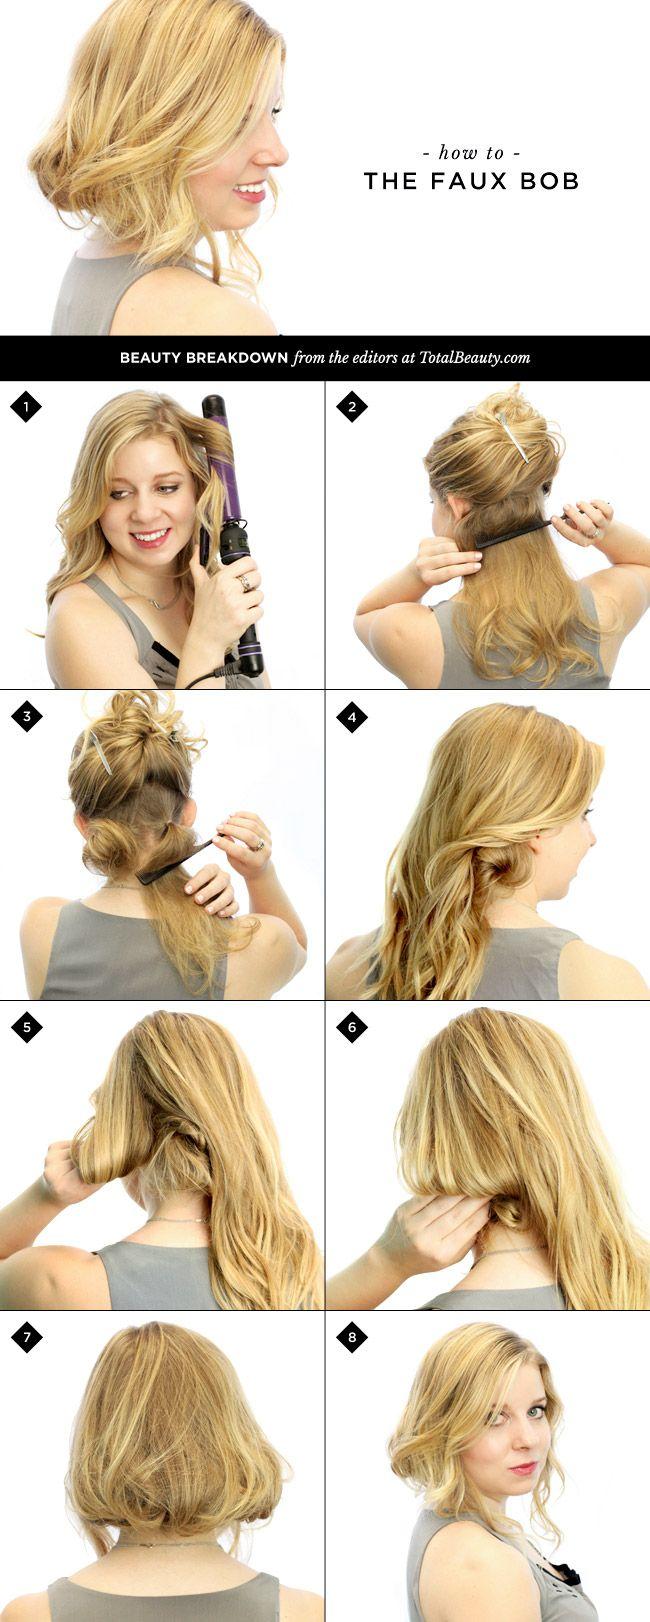 How to Make Long Hair Short: Faux Bob Hair Tutorials - Pretty Designs